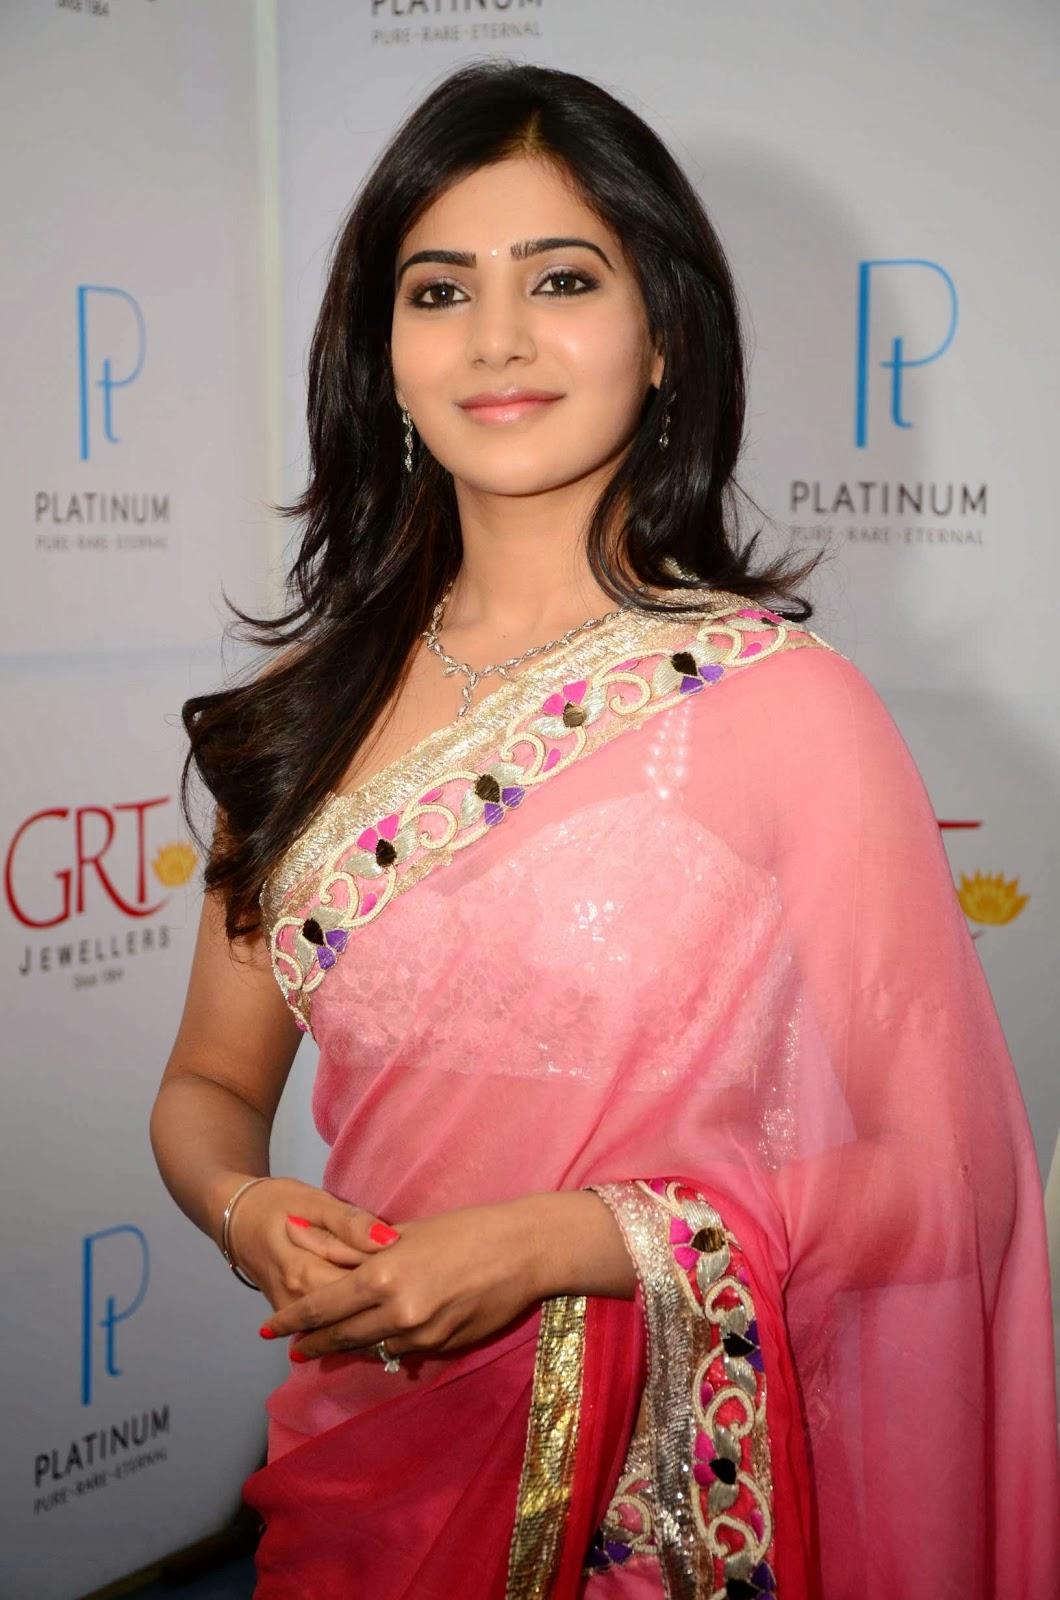 Cute South Indian Actress Samantha Hot Photos Collection ... | 1060 x 1600 jpeg 225kB